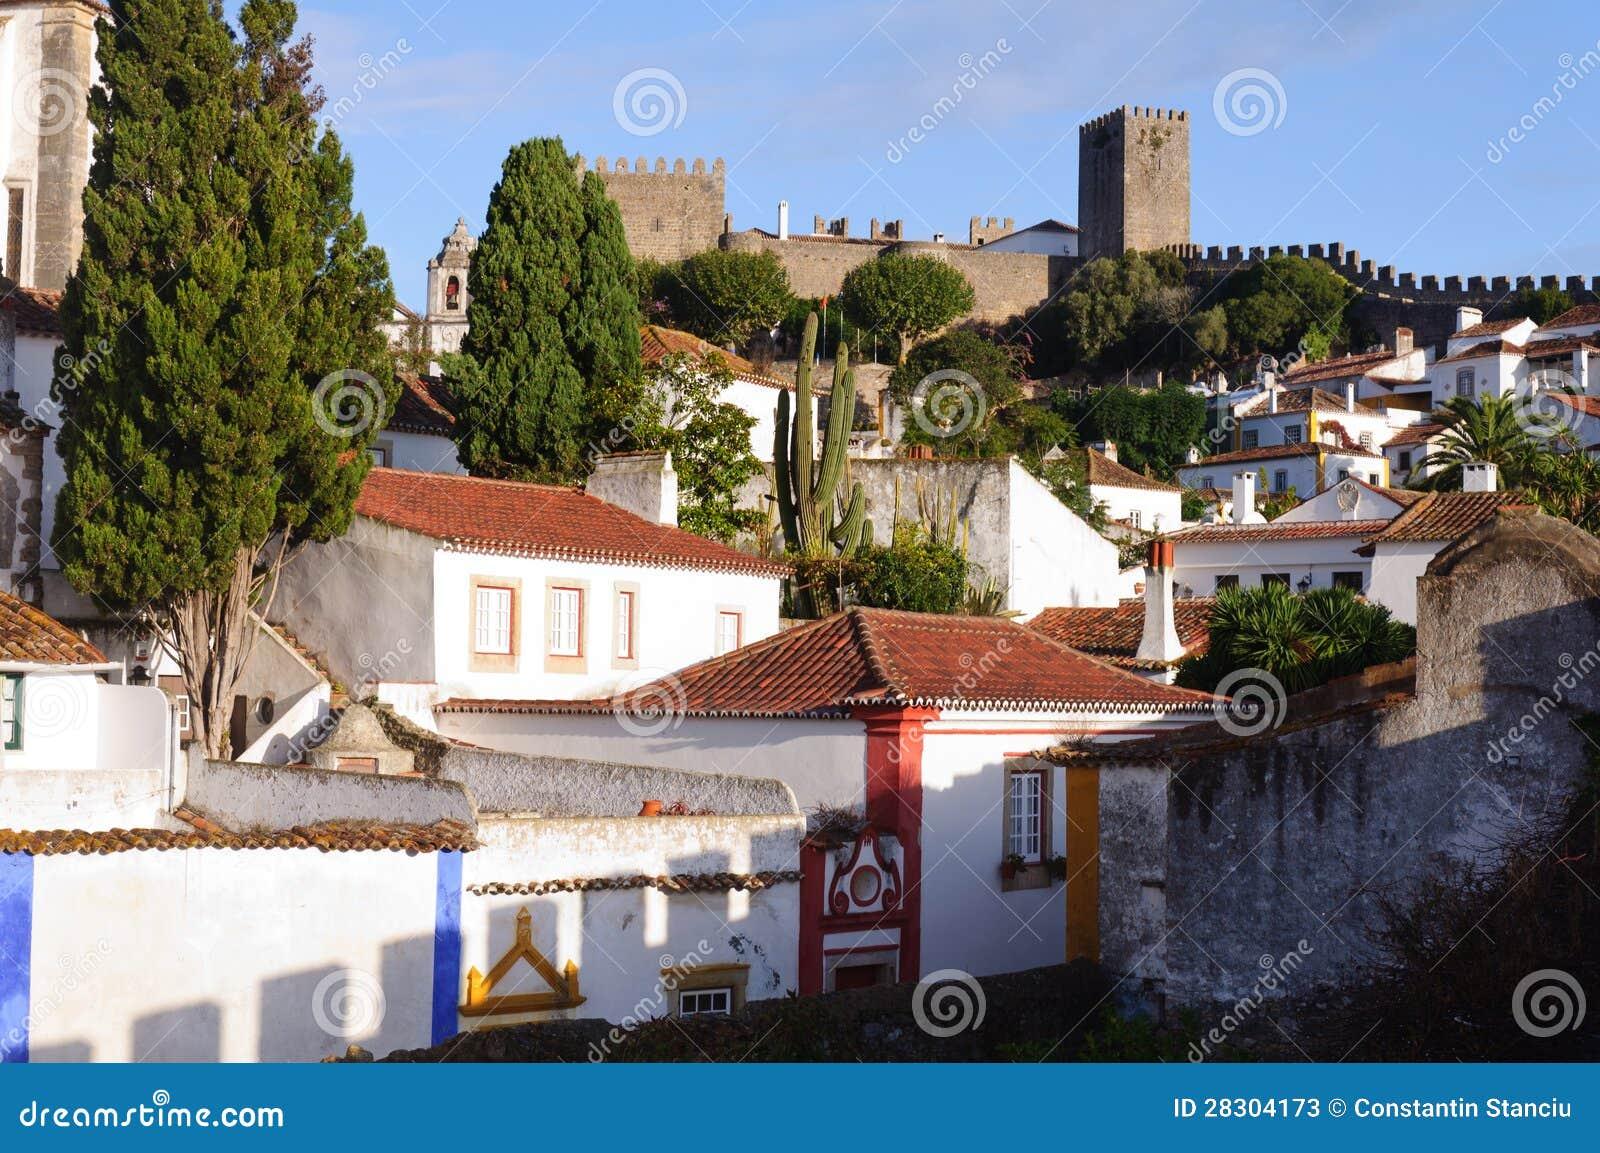 alte sch ne h user in der mittelalterlichen stadt von obidos portugal stockfotos bild 28304173. Black Bedroom Furniture Sets. Home Design Ideas